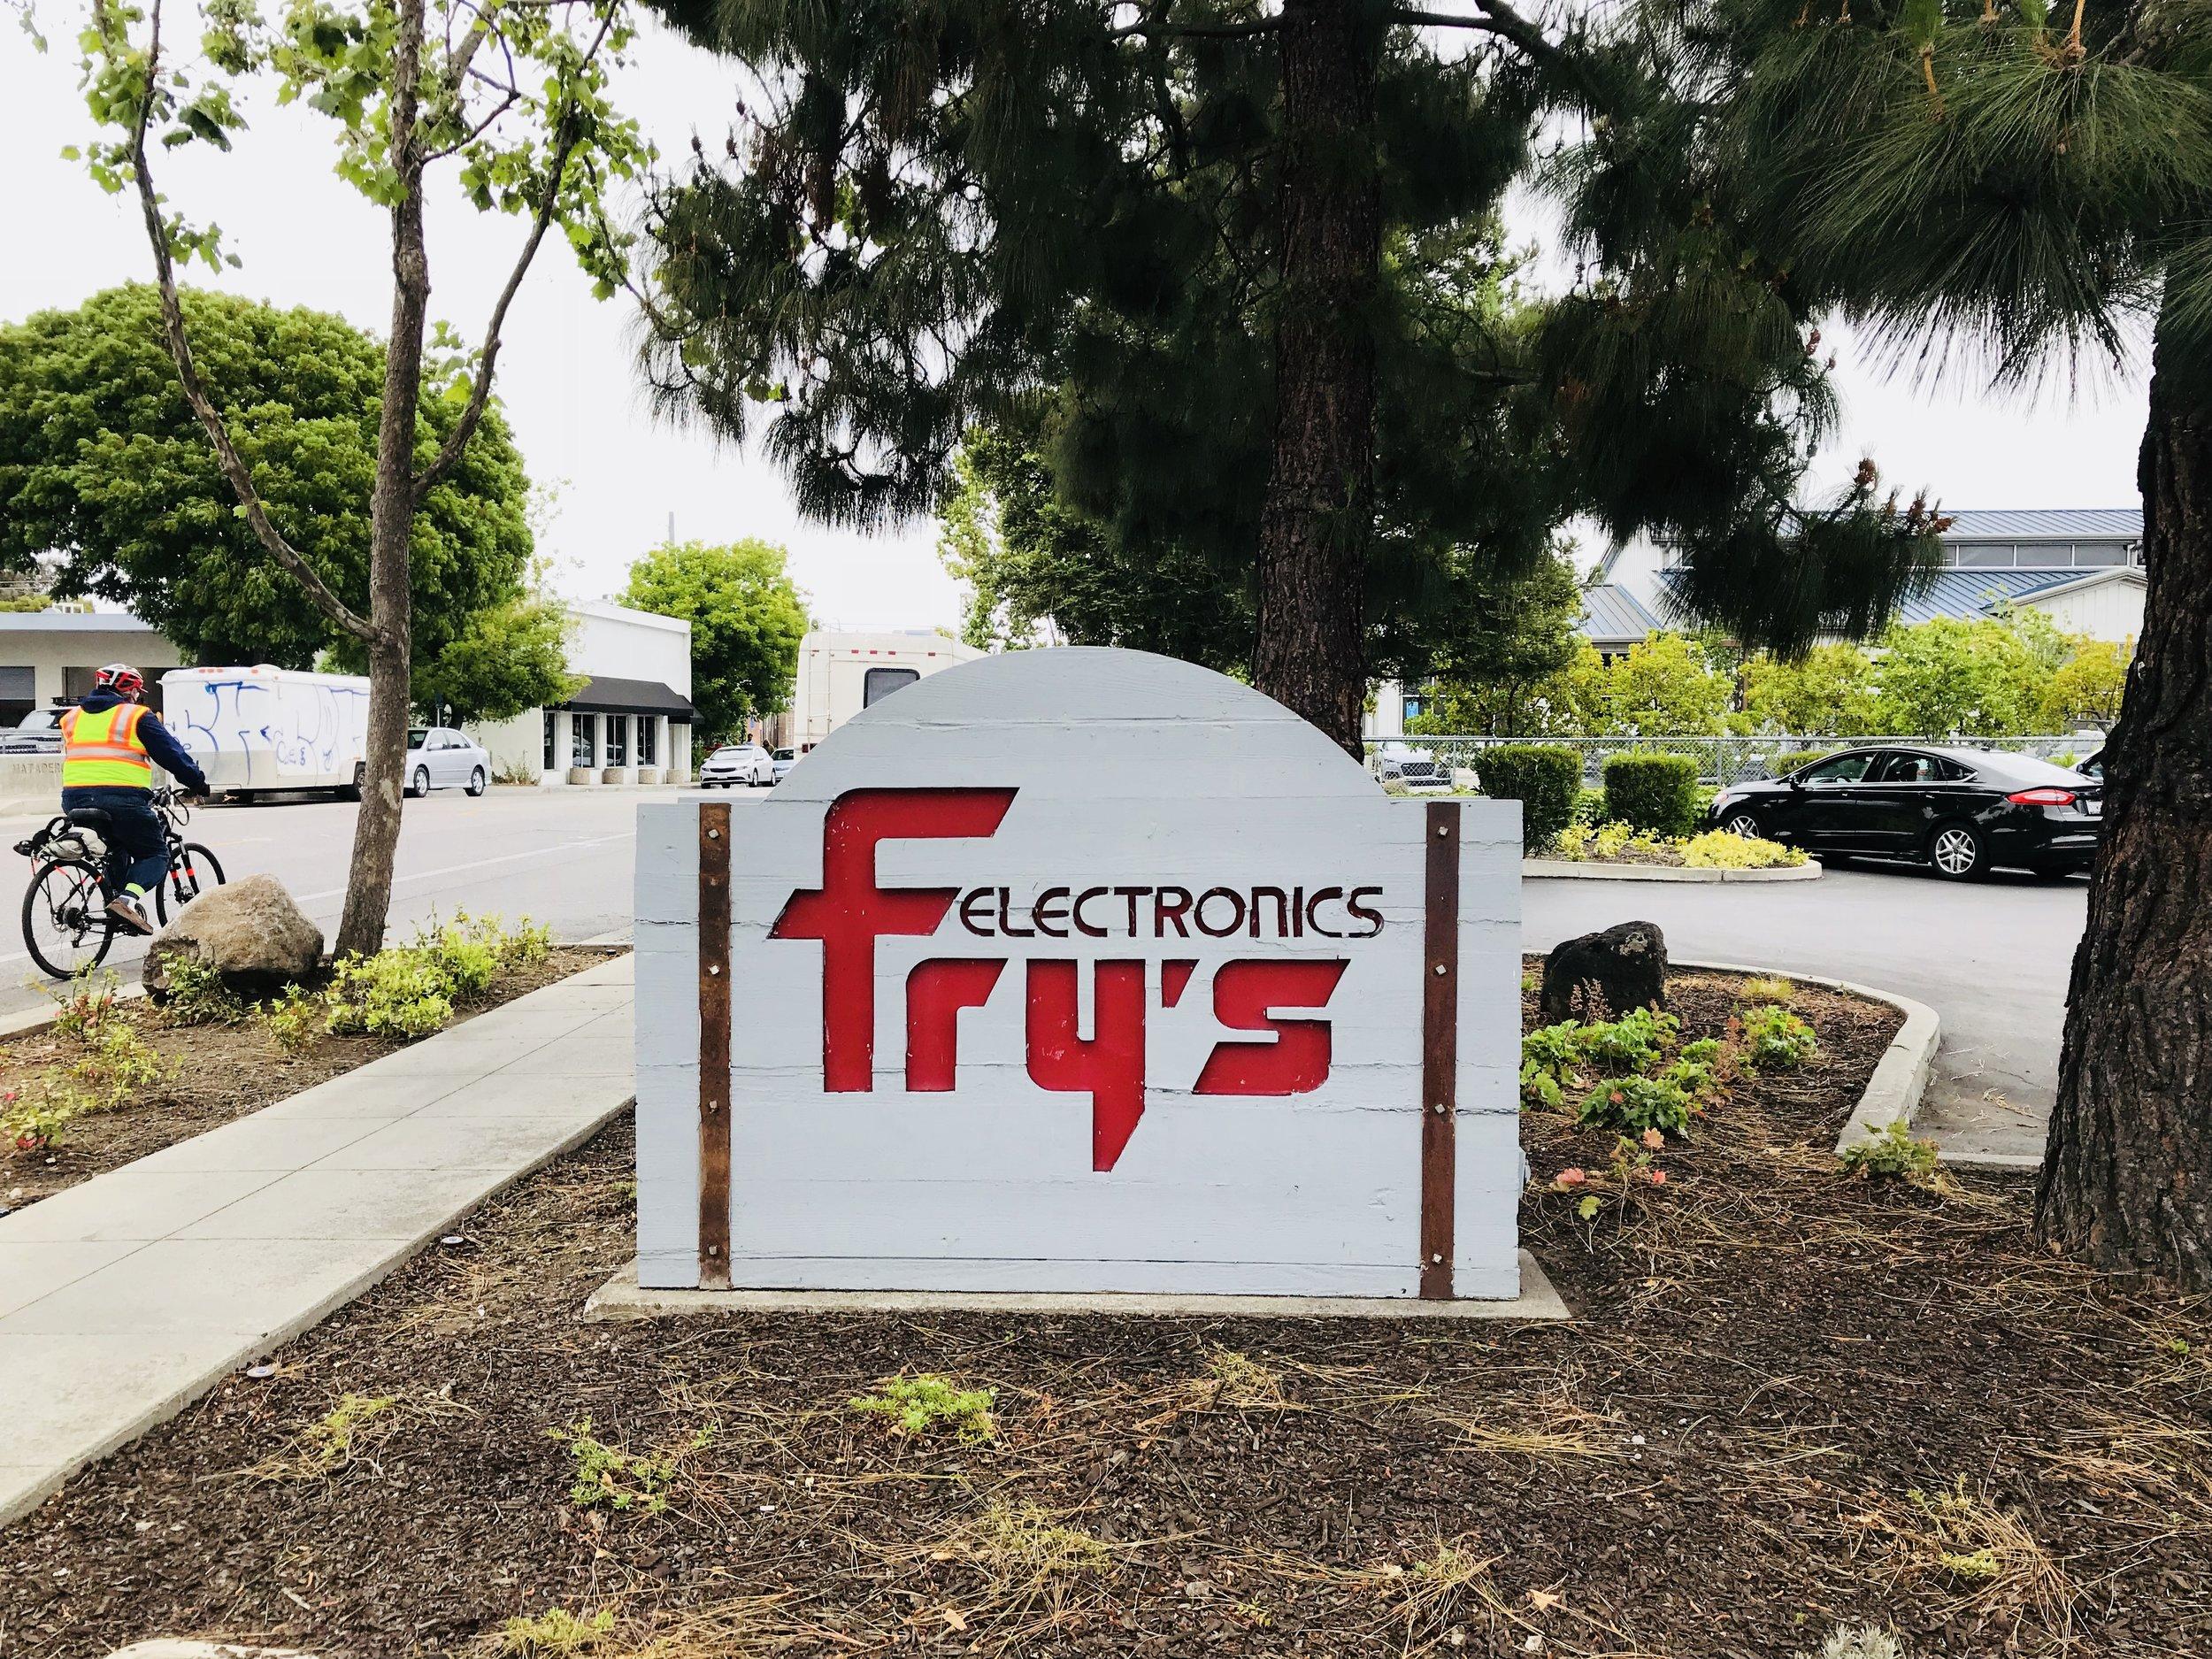 Frys 3.jpg